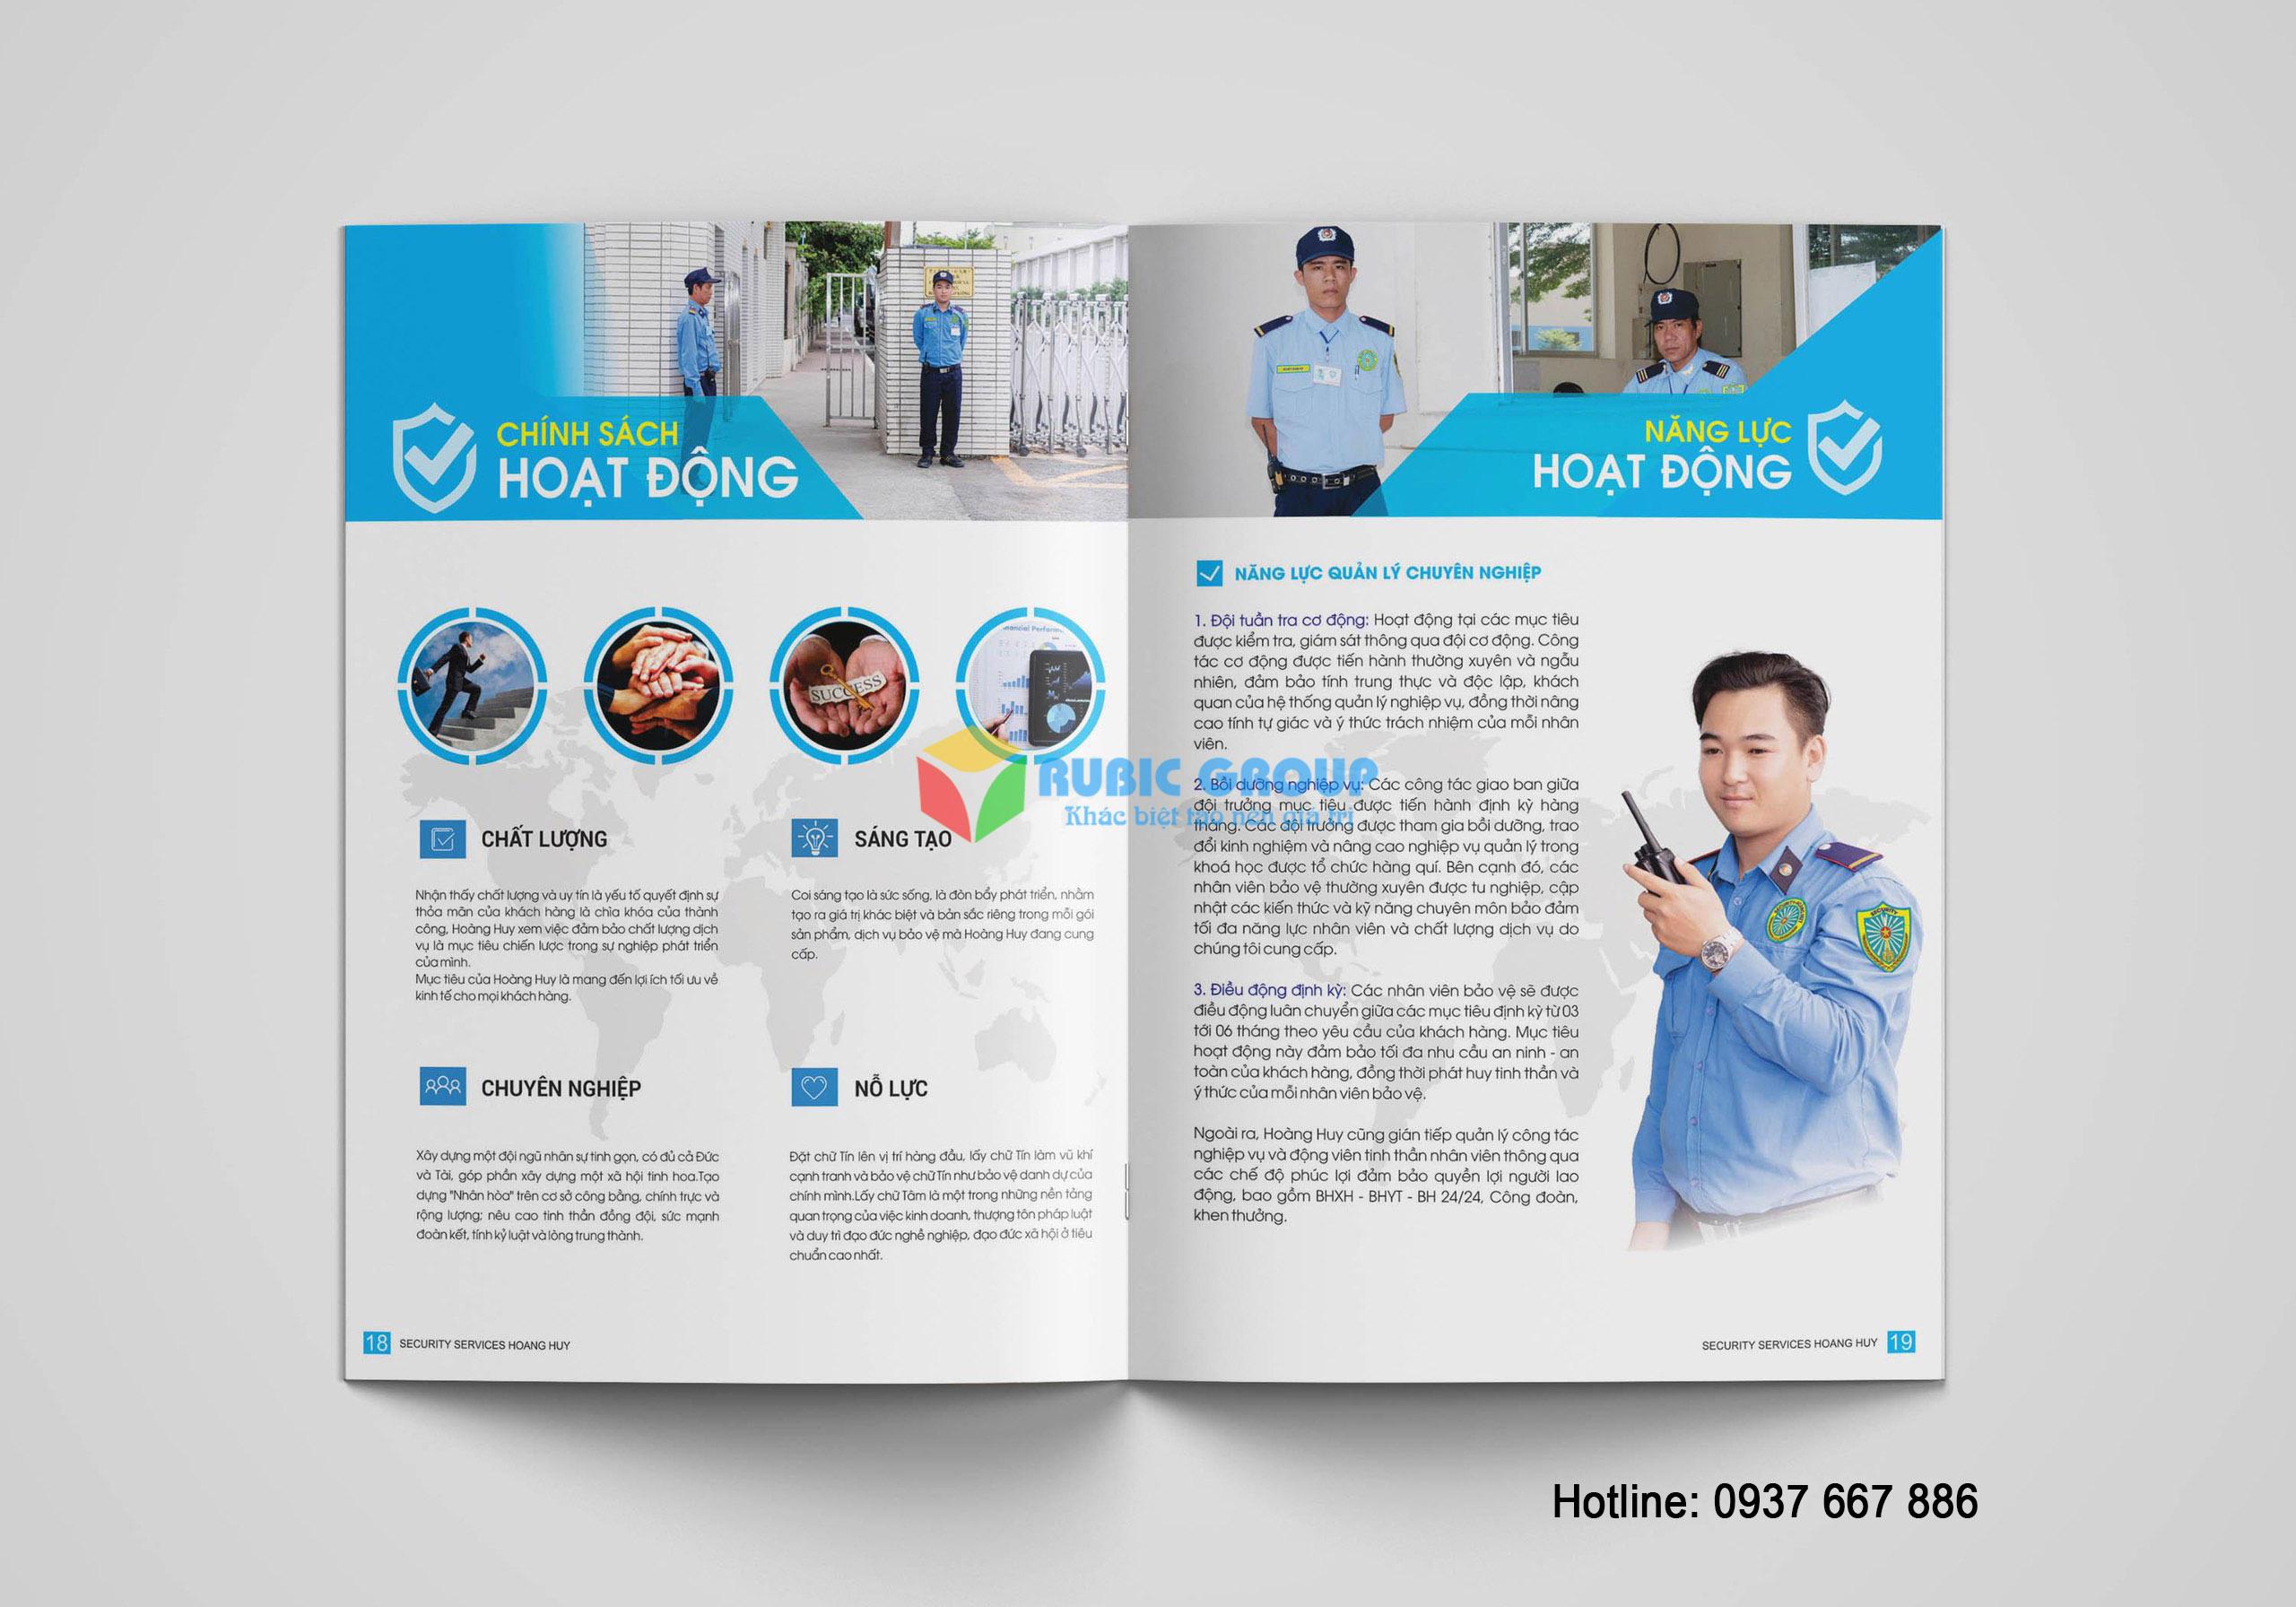 thiết kế hồ sơ năng lực công ty bảo vệ hoàng huy 3